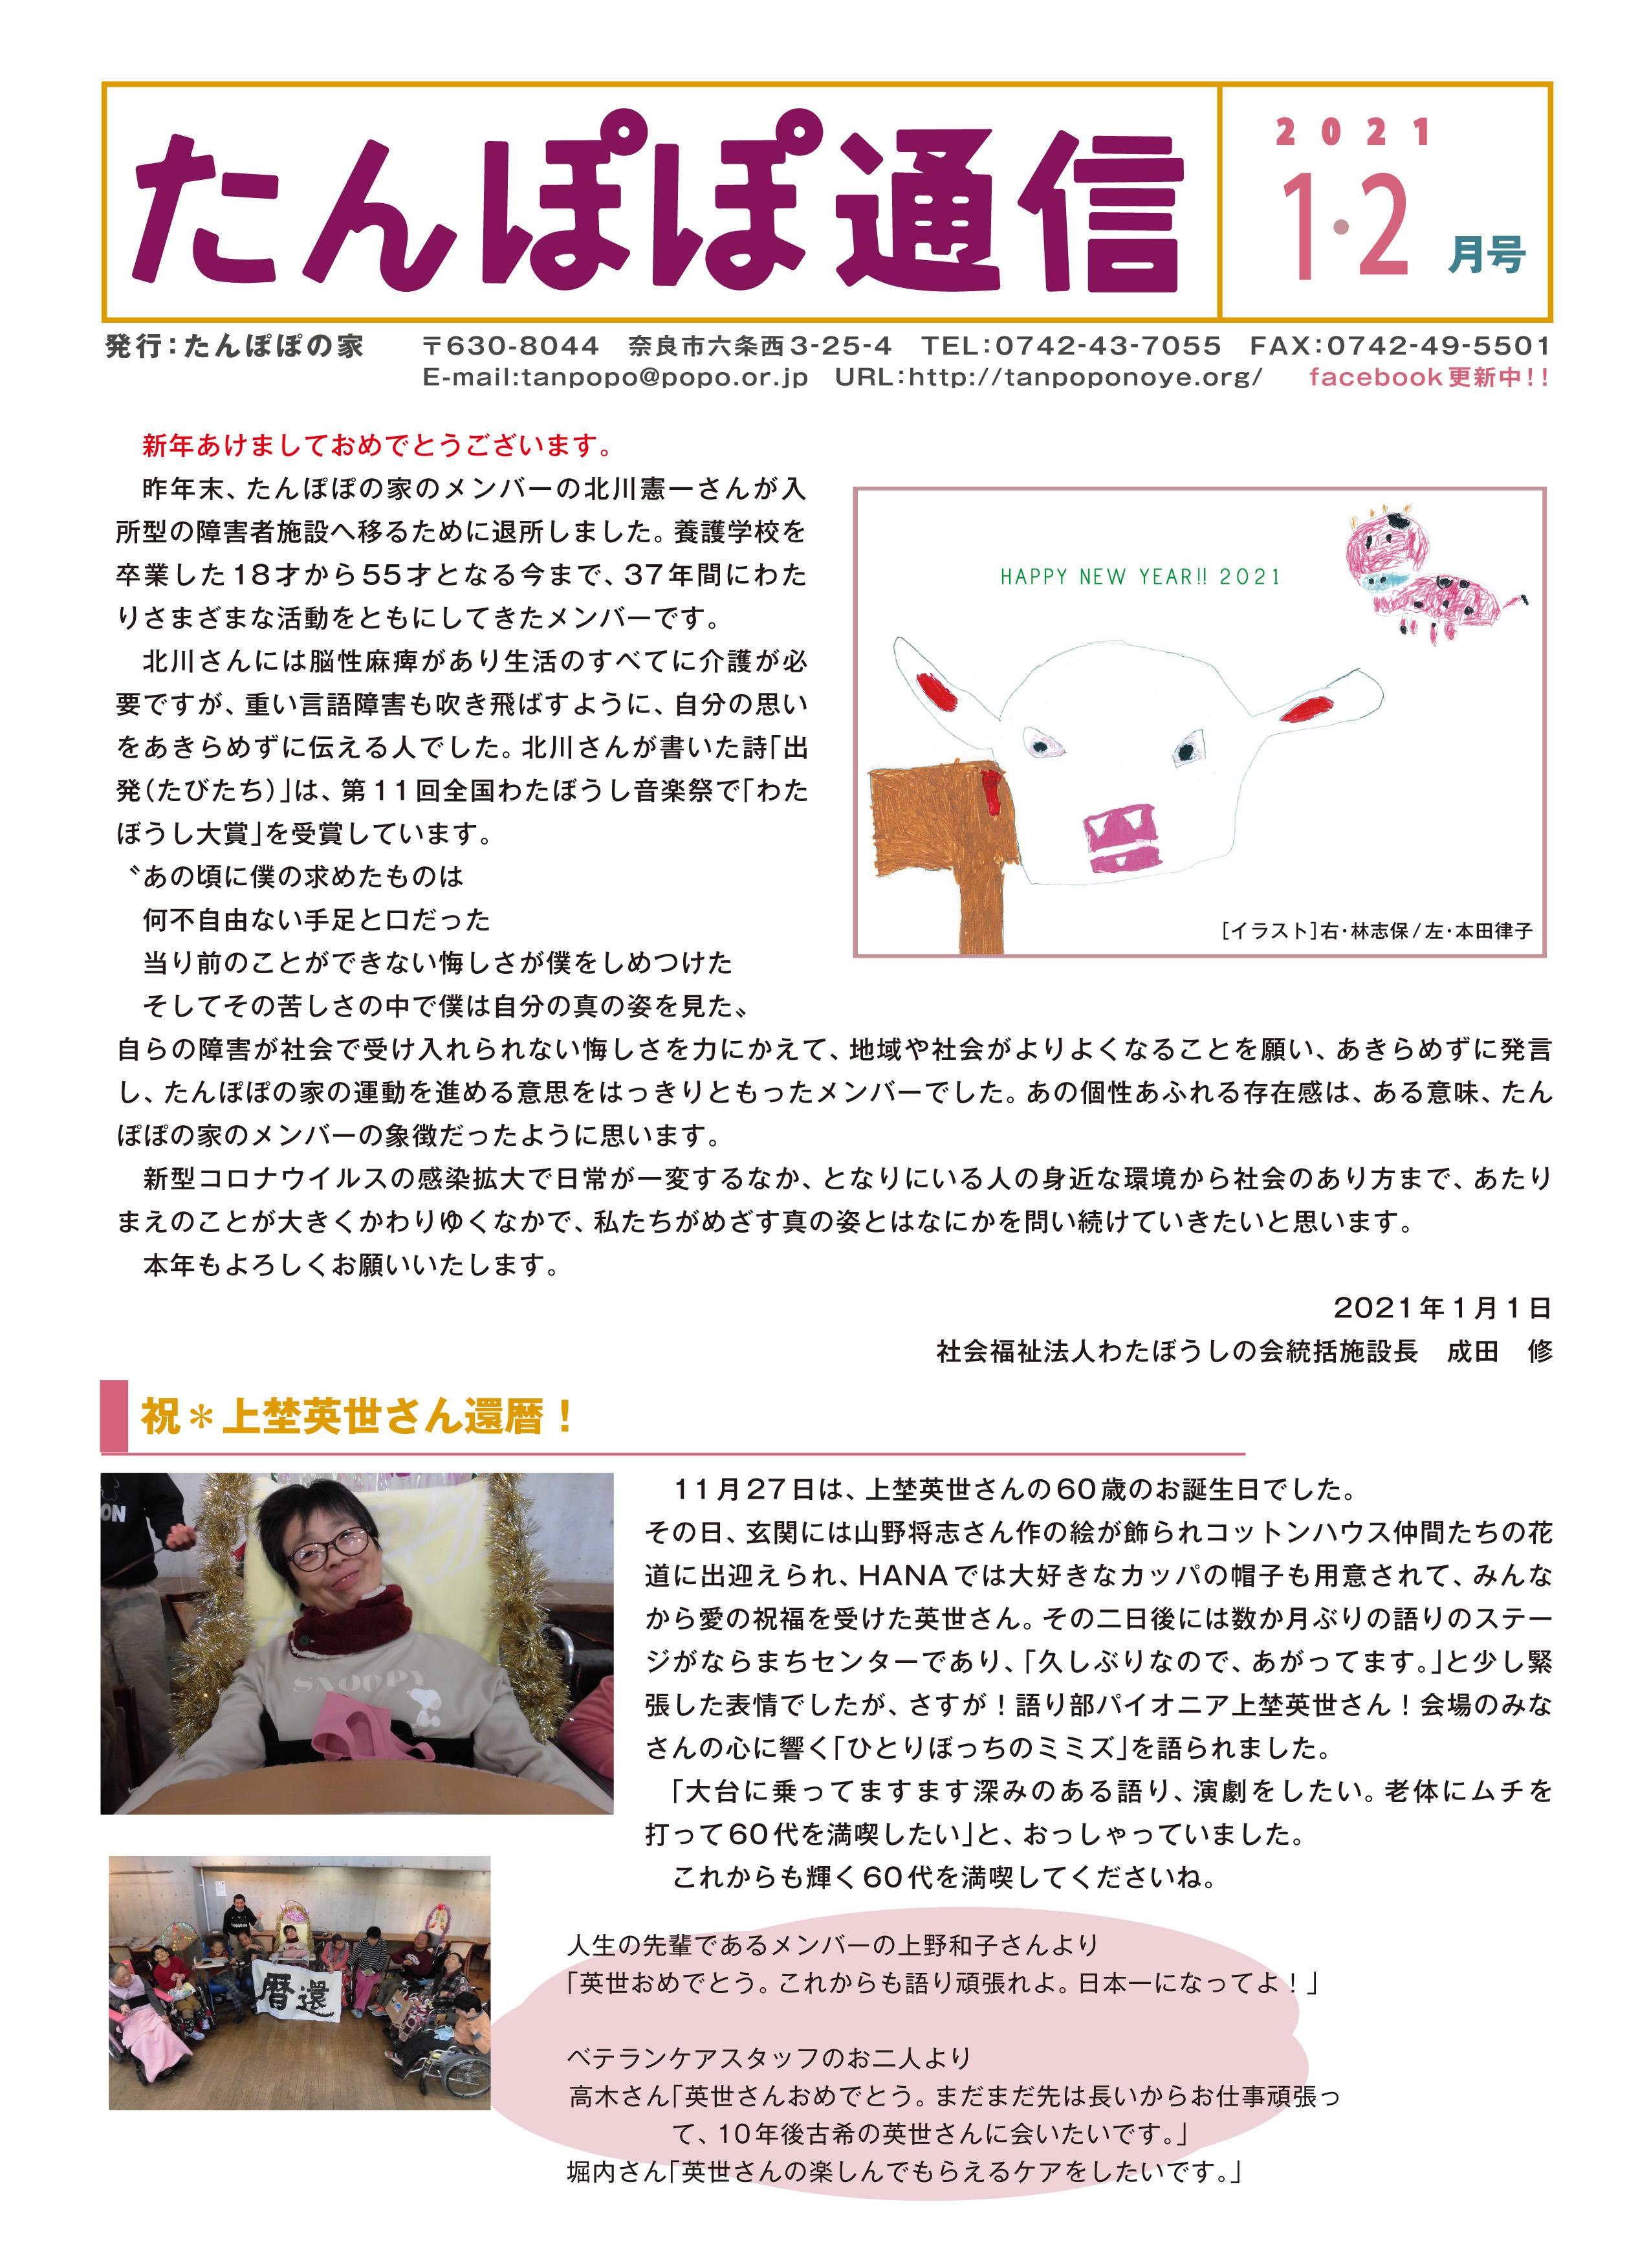 tan-tsu2019_1011_表1p6p